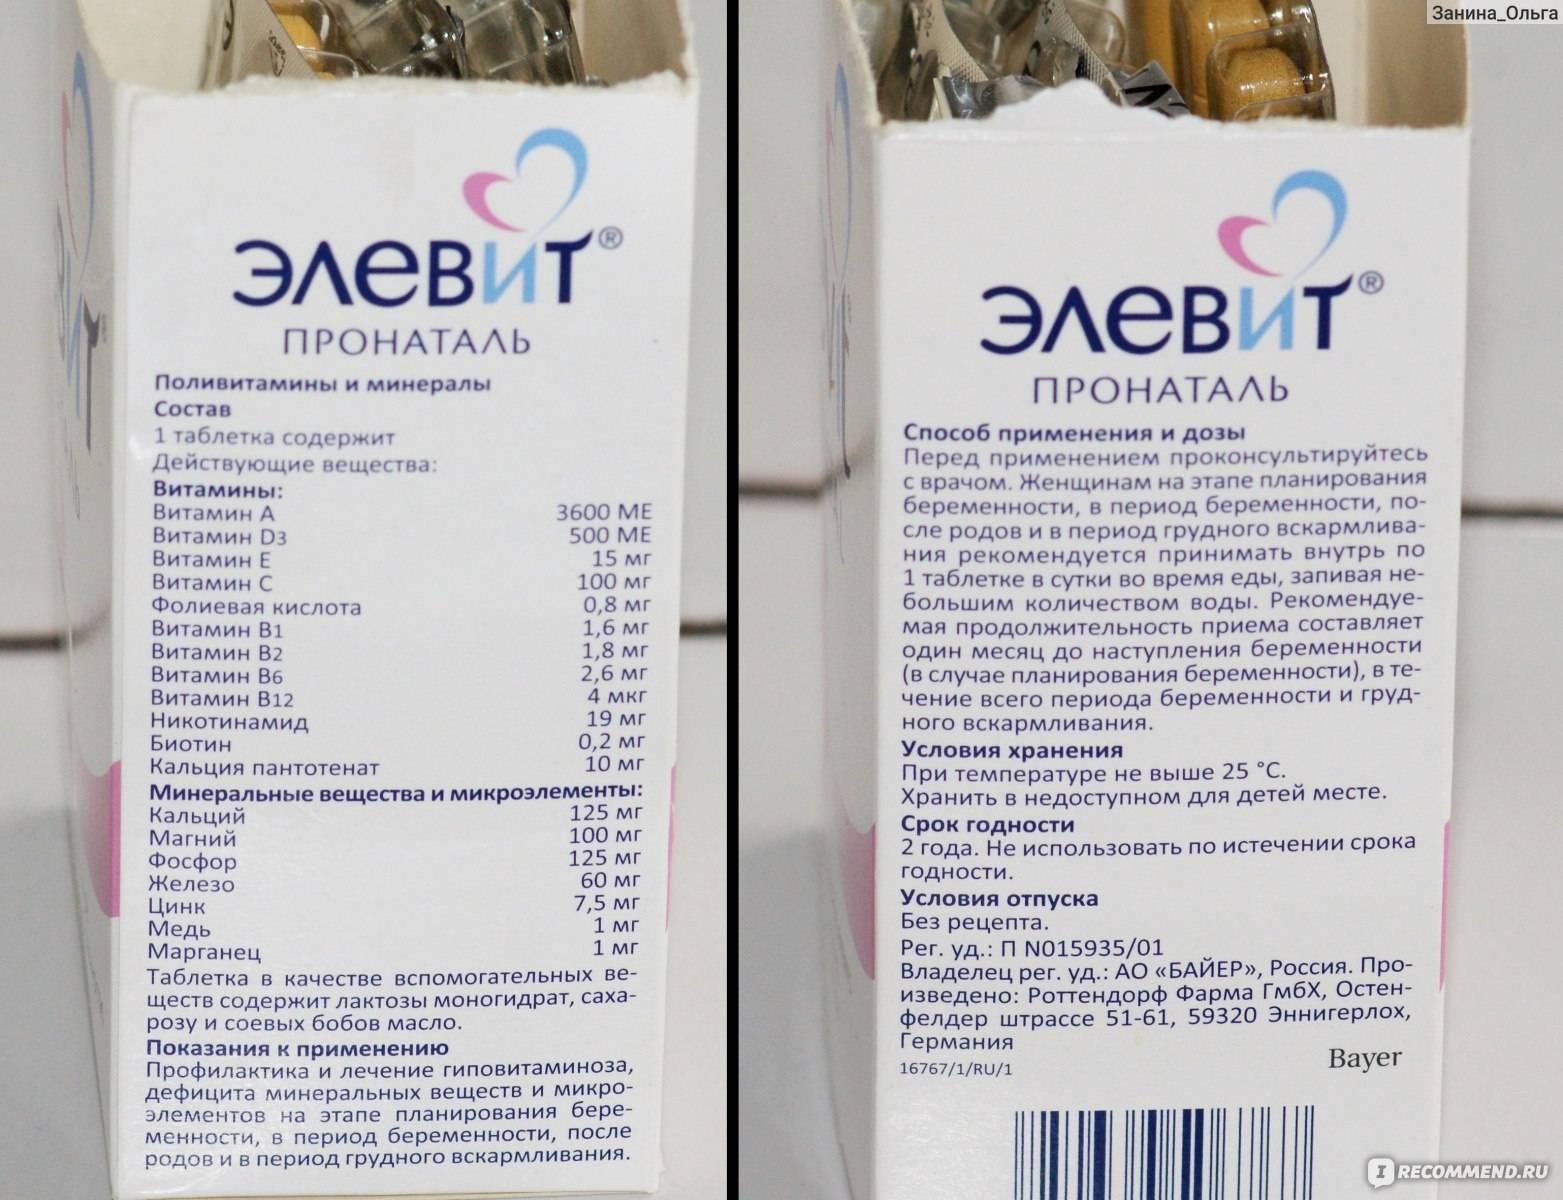 Мнение гинекологов о препарате элевит пронаталь